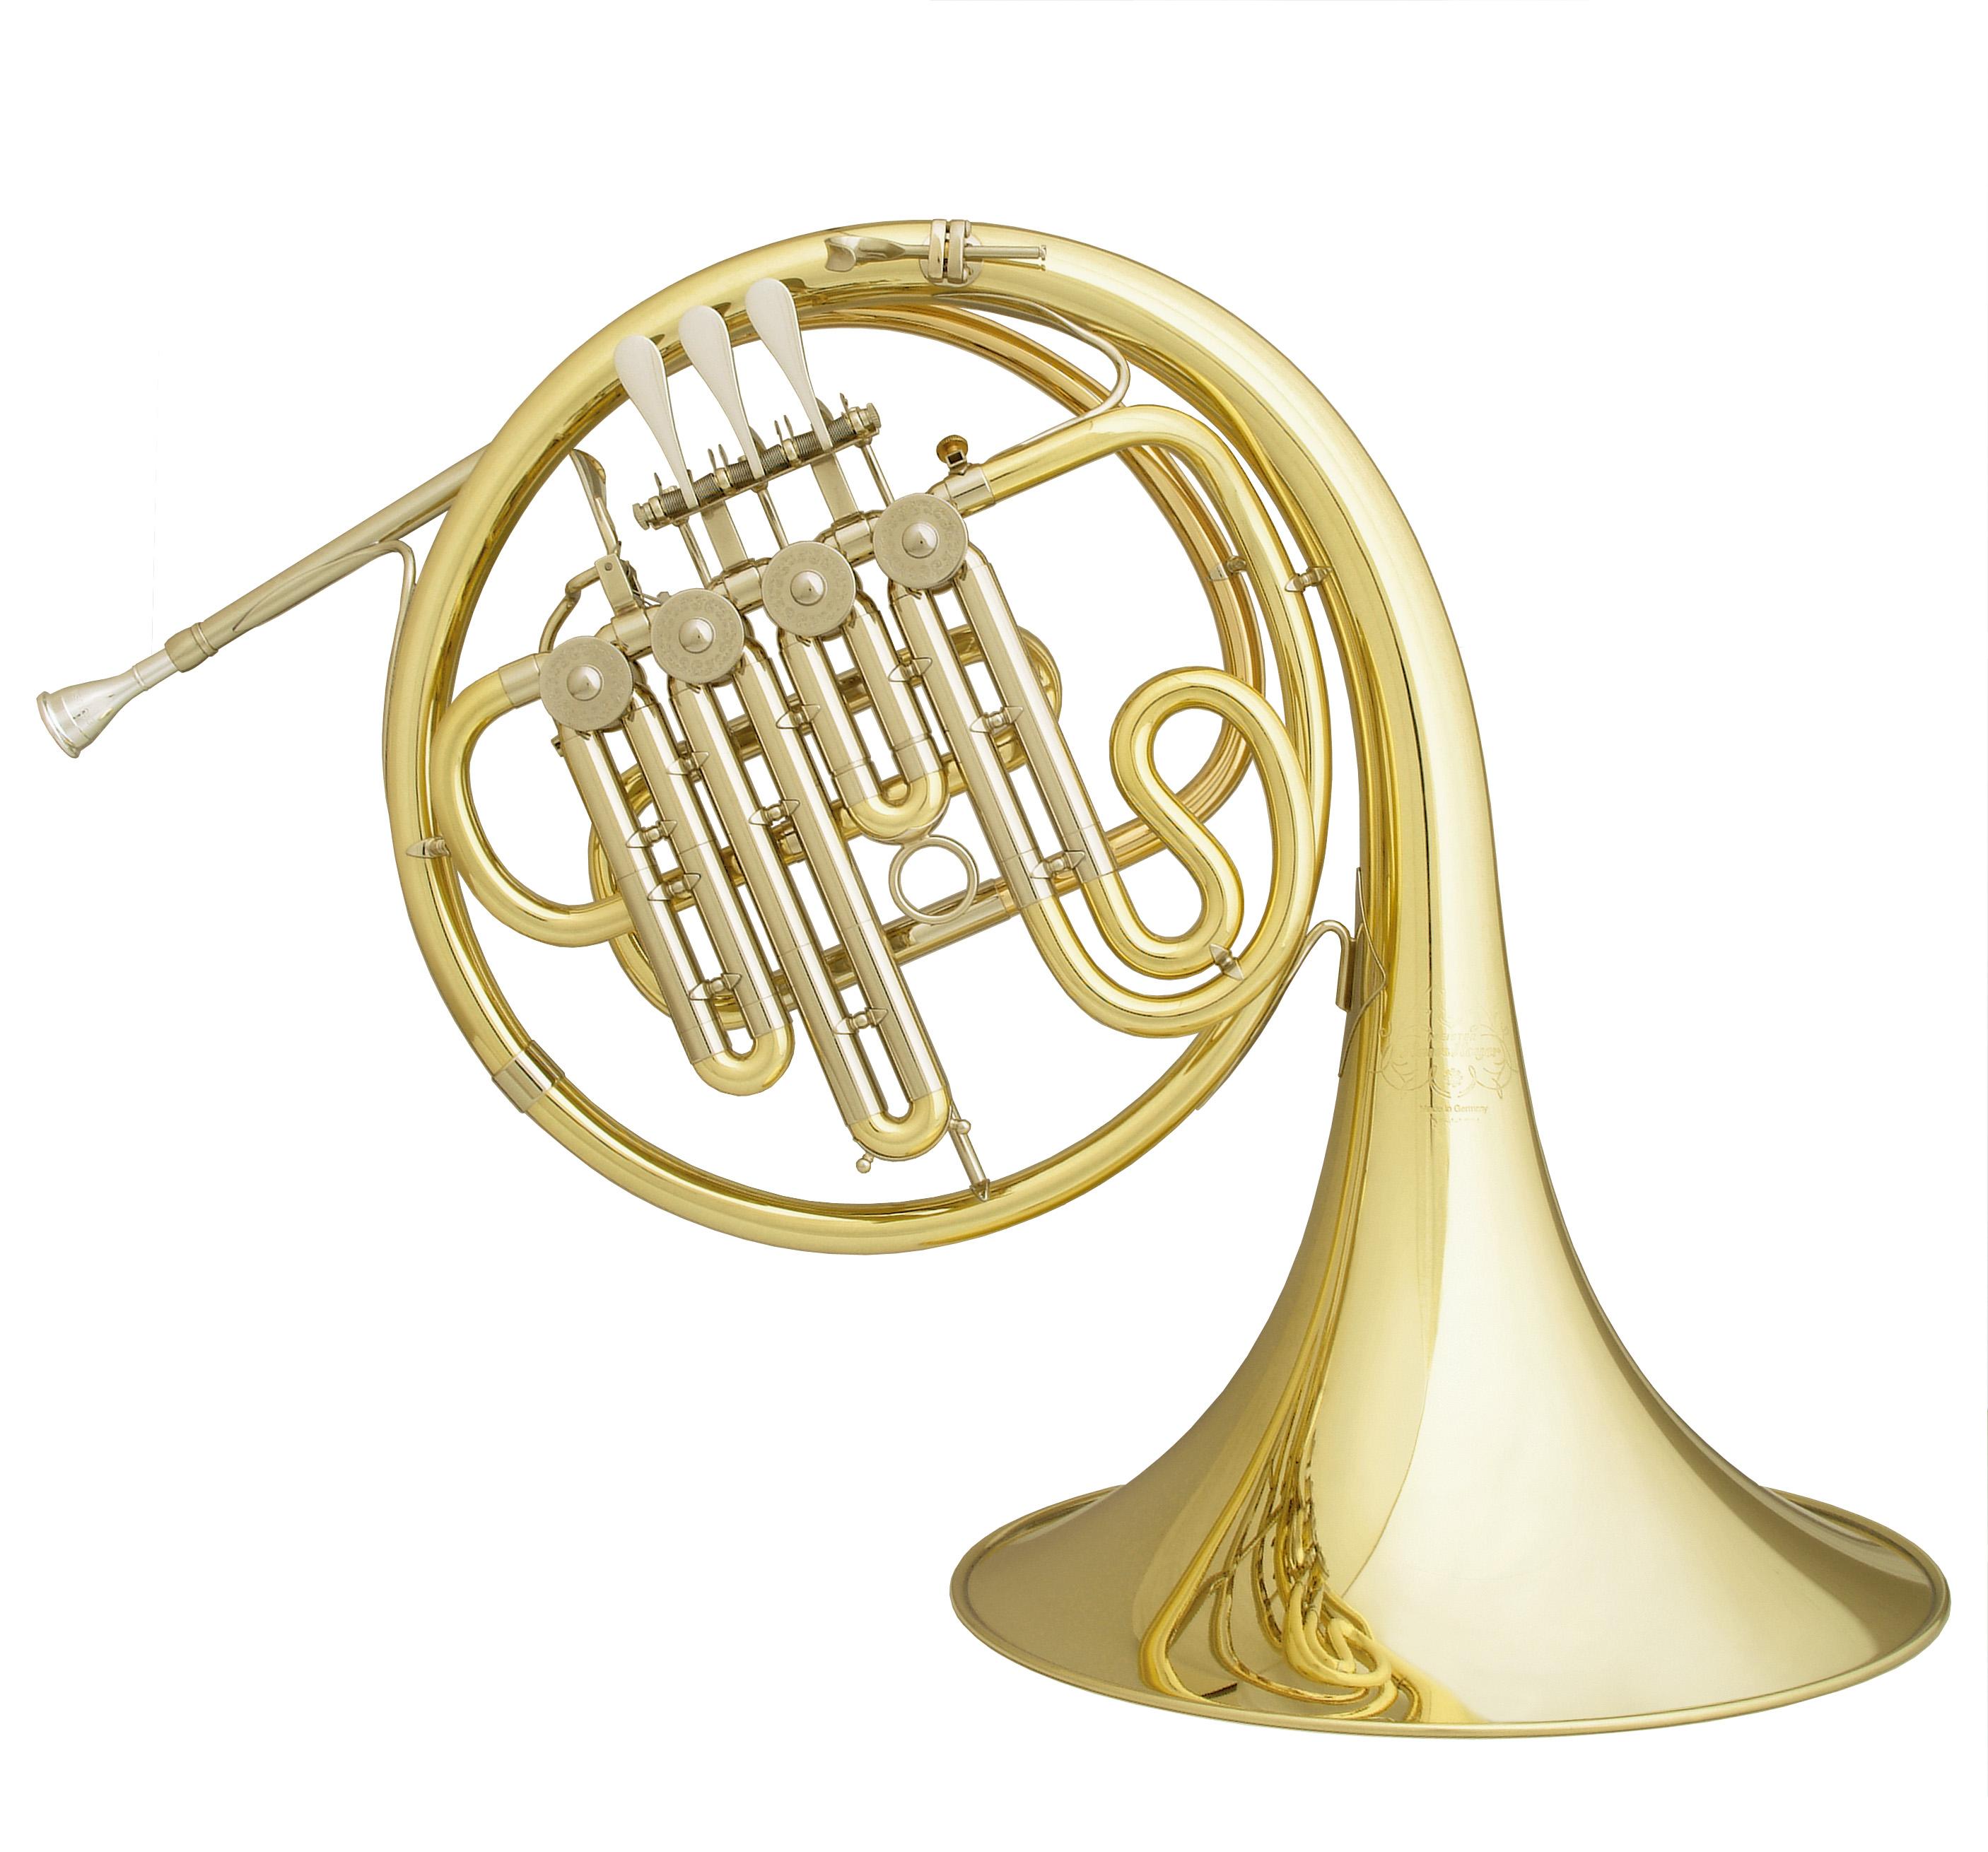 Hoyer - HH - 704 - 1 - 0 - Blechblasinstrumente - Hörner | MUSIK BERTRAM Deutschland Freiburg